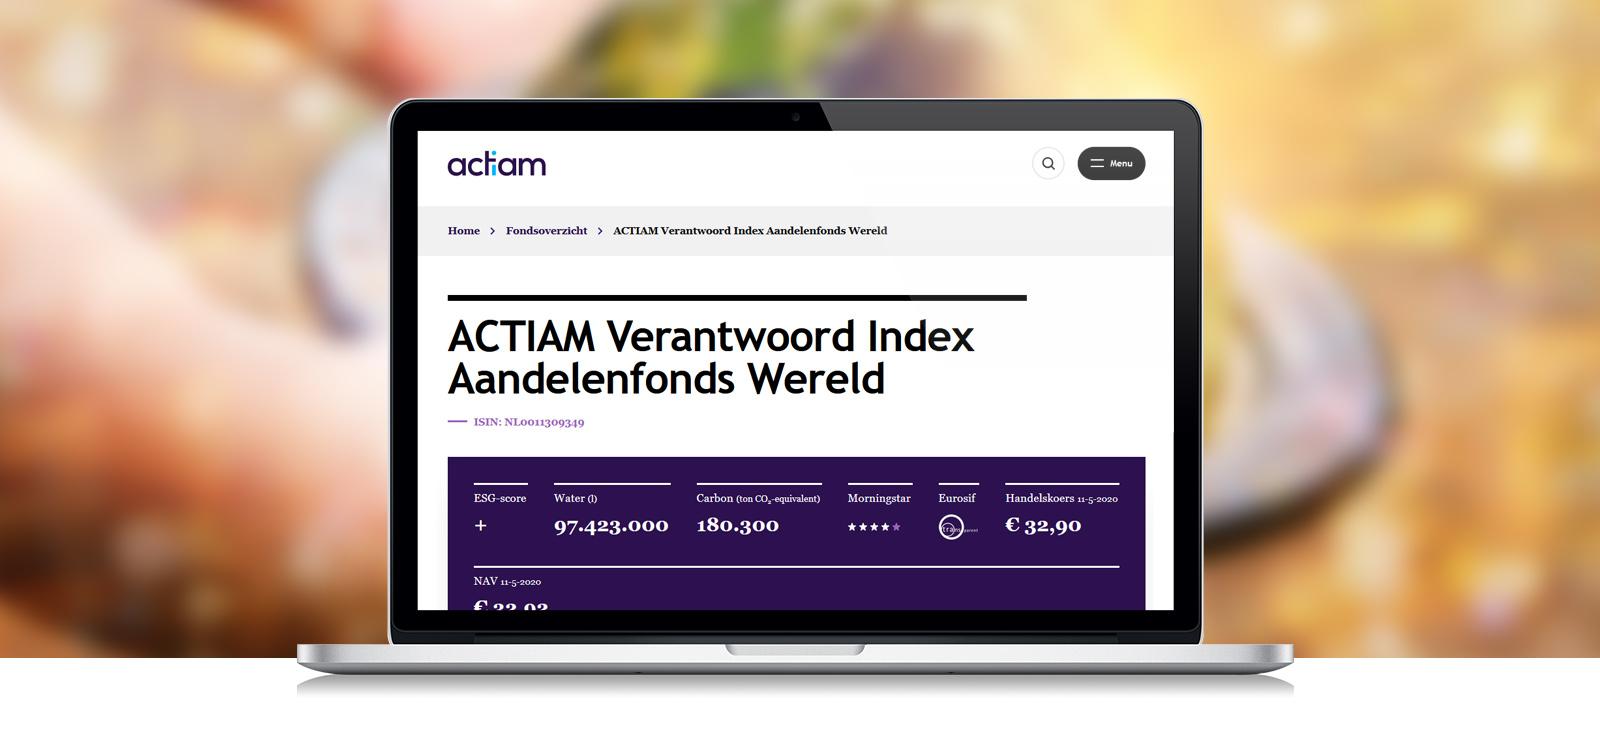 ACTIAM verlaagt kosten indexfondsen en gaat duurzamer beleggen